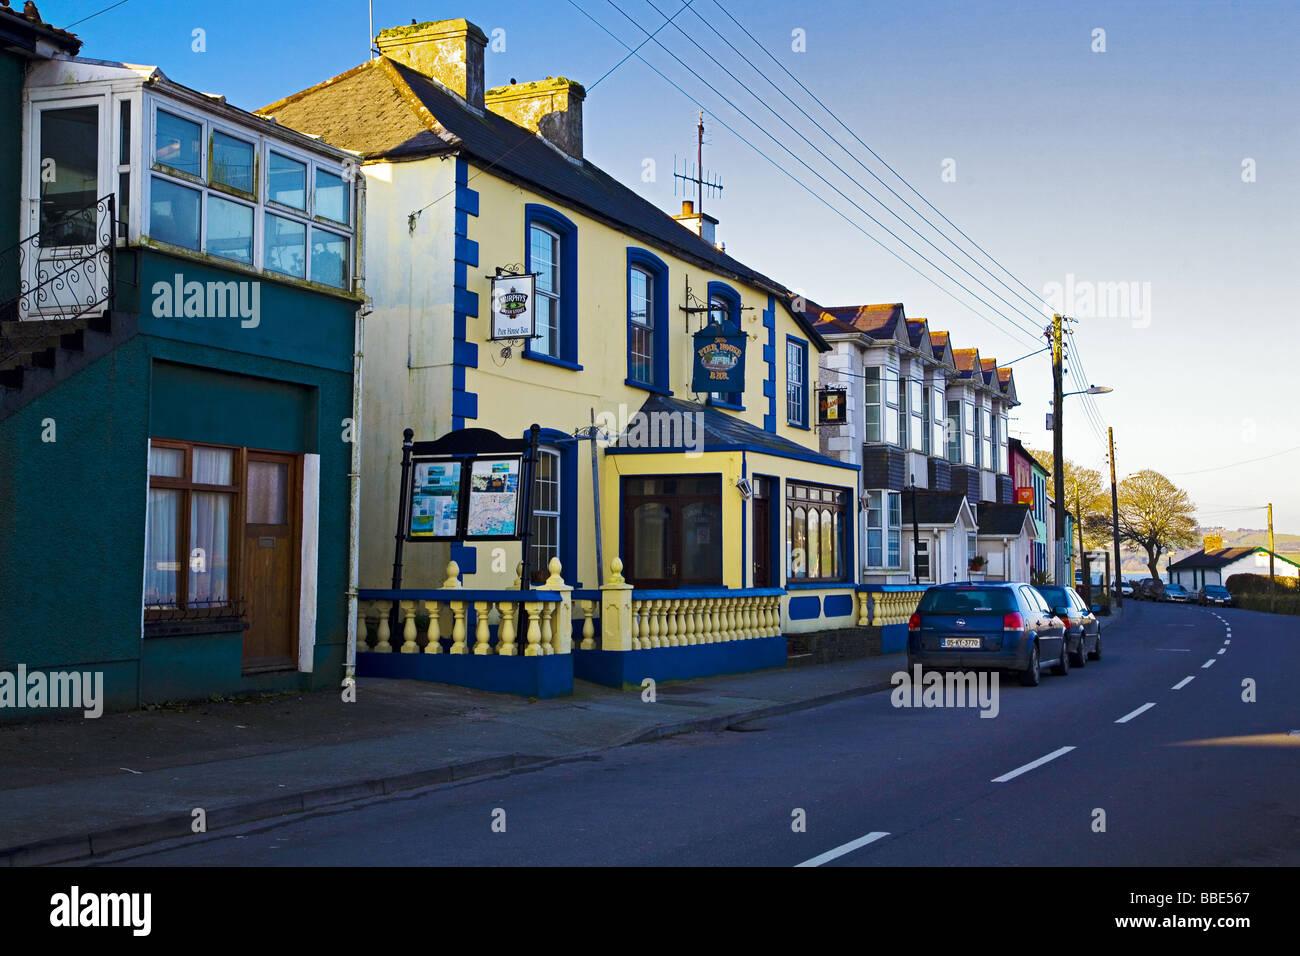 Courtmacsherry West Cork Ireland - Stock Image